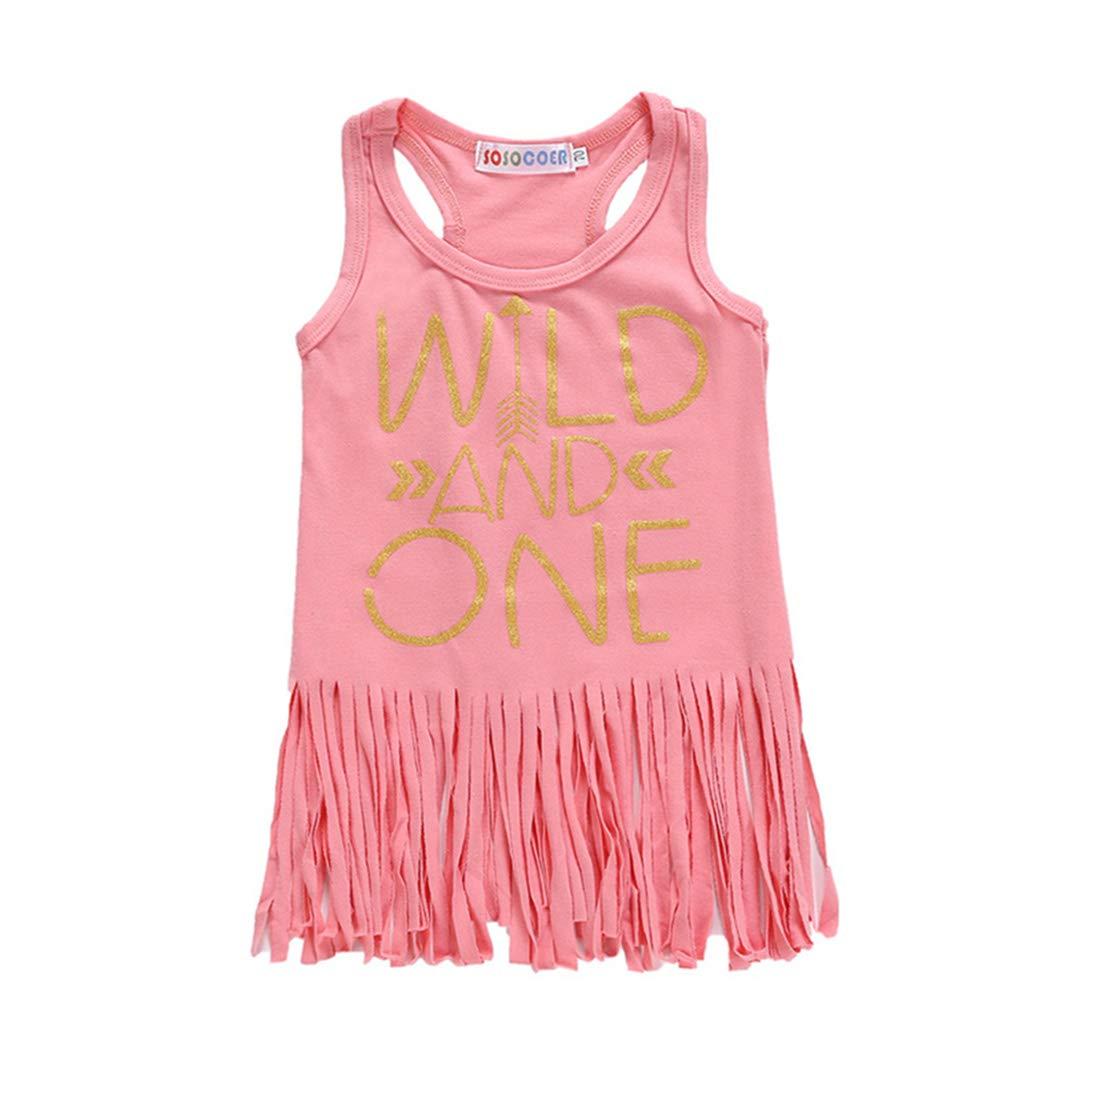 XINXINHAIHE Infant Girls Tassel Letter Print Vest Dress Summer Casual Sleeveless Skirt